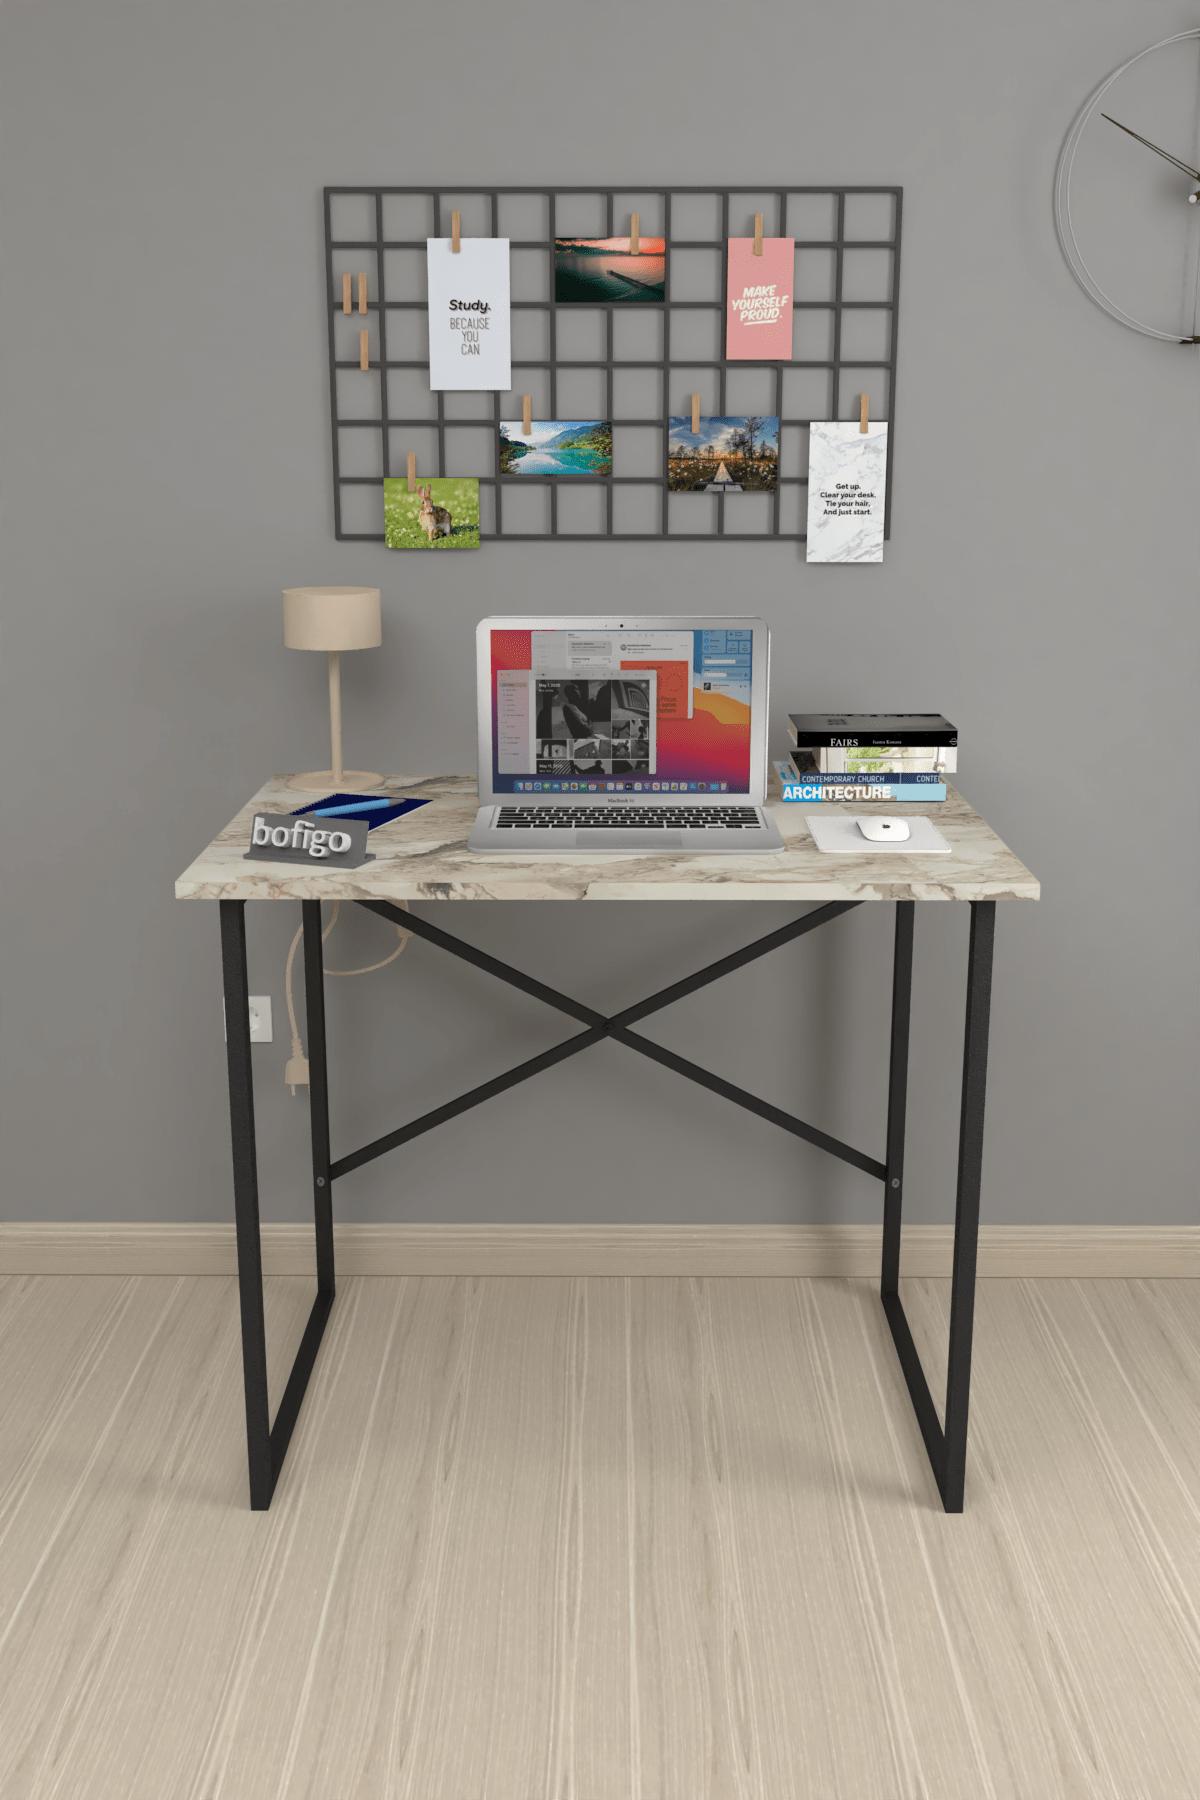 Bofigo 60x90 cm Çalışma Masası Laptop Bilgisayar Masası Ofis Ders Yemek Cocuk Masası Efes 2